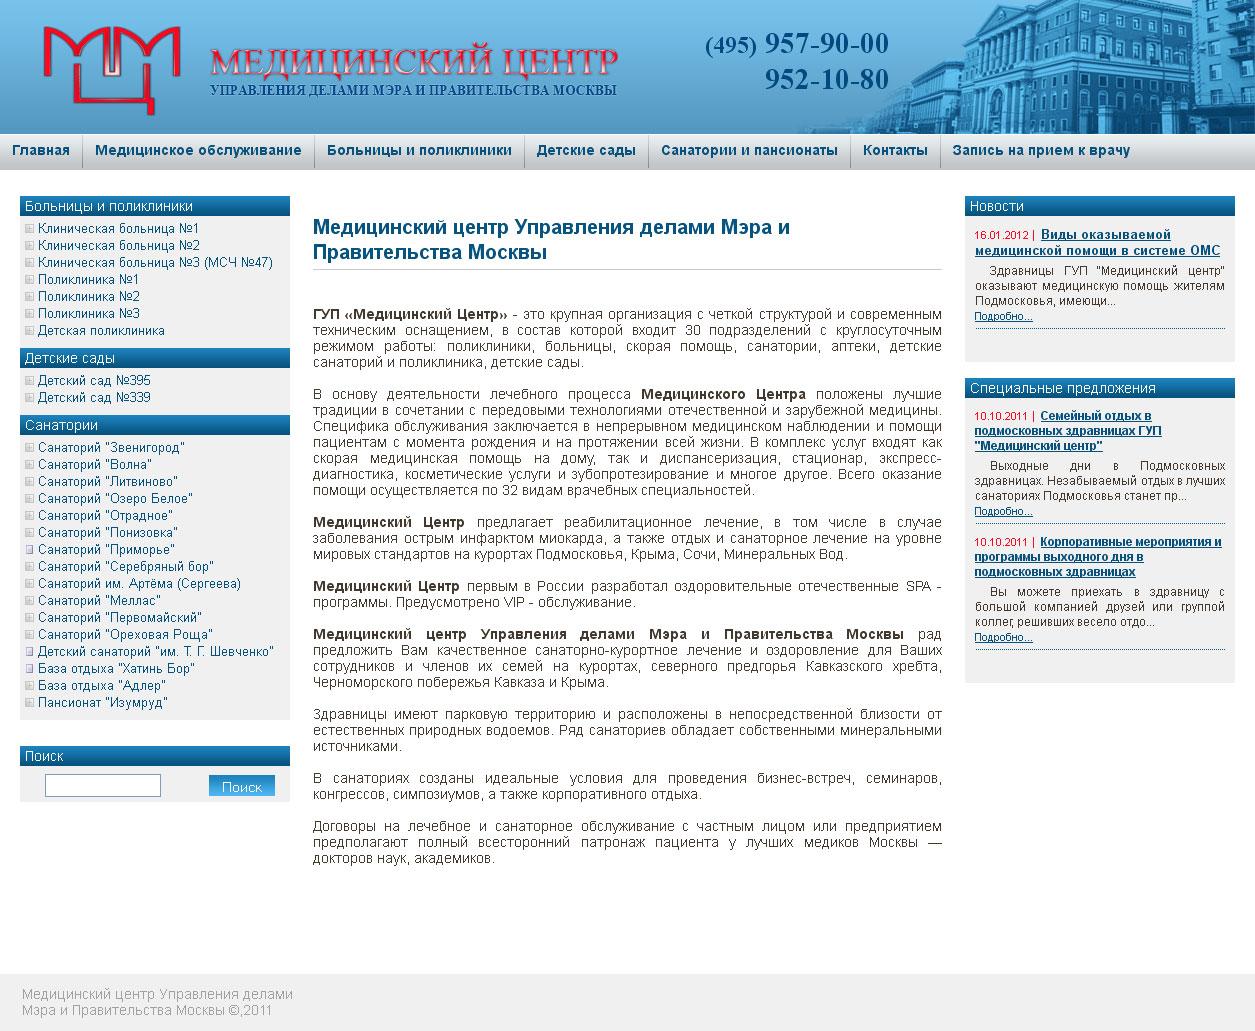 Медицинский центр Управления делами Мэра и Правительства Москвы